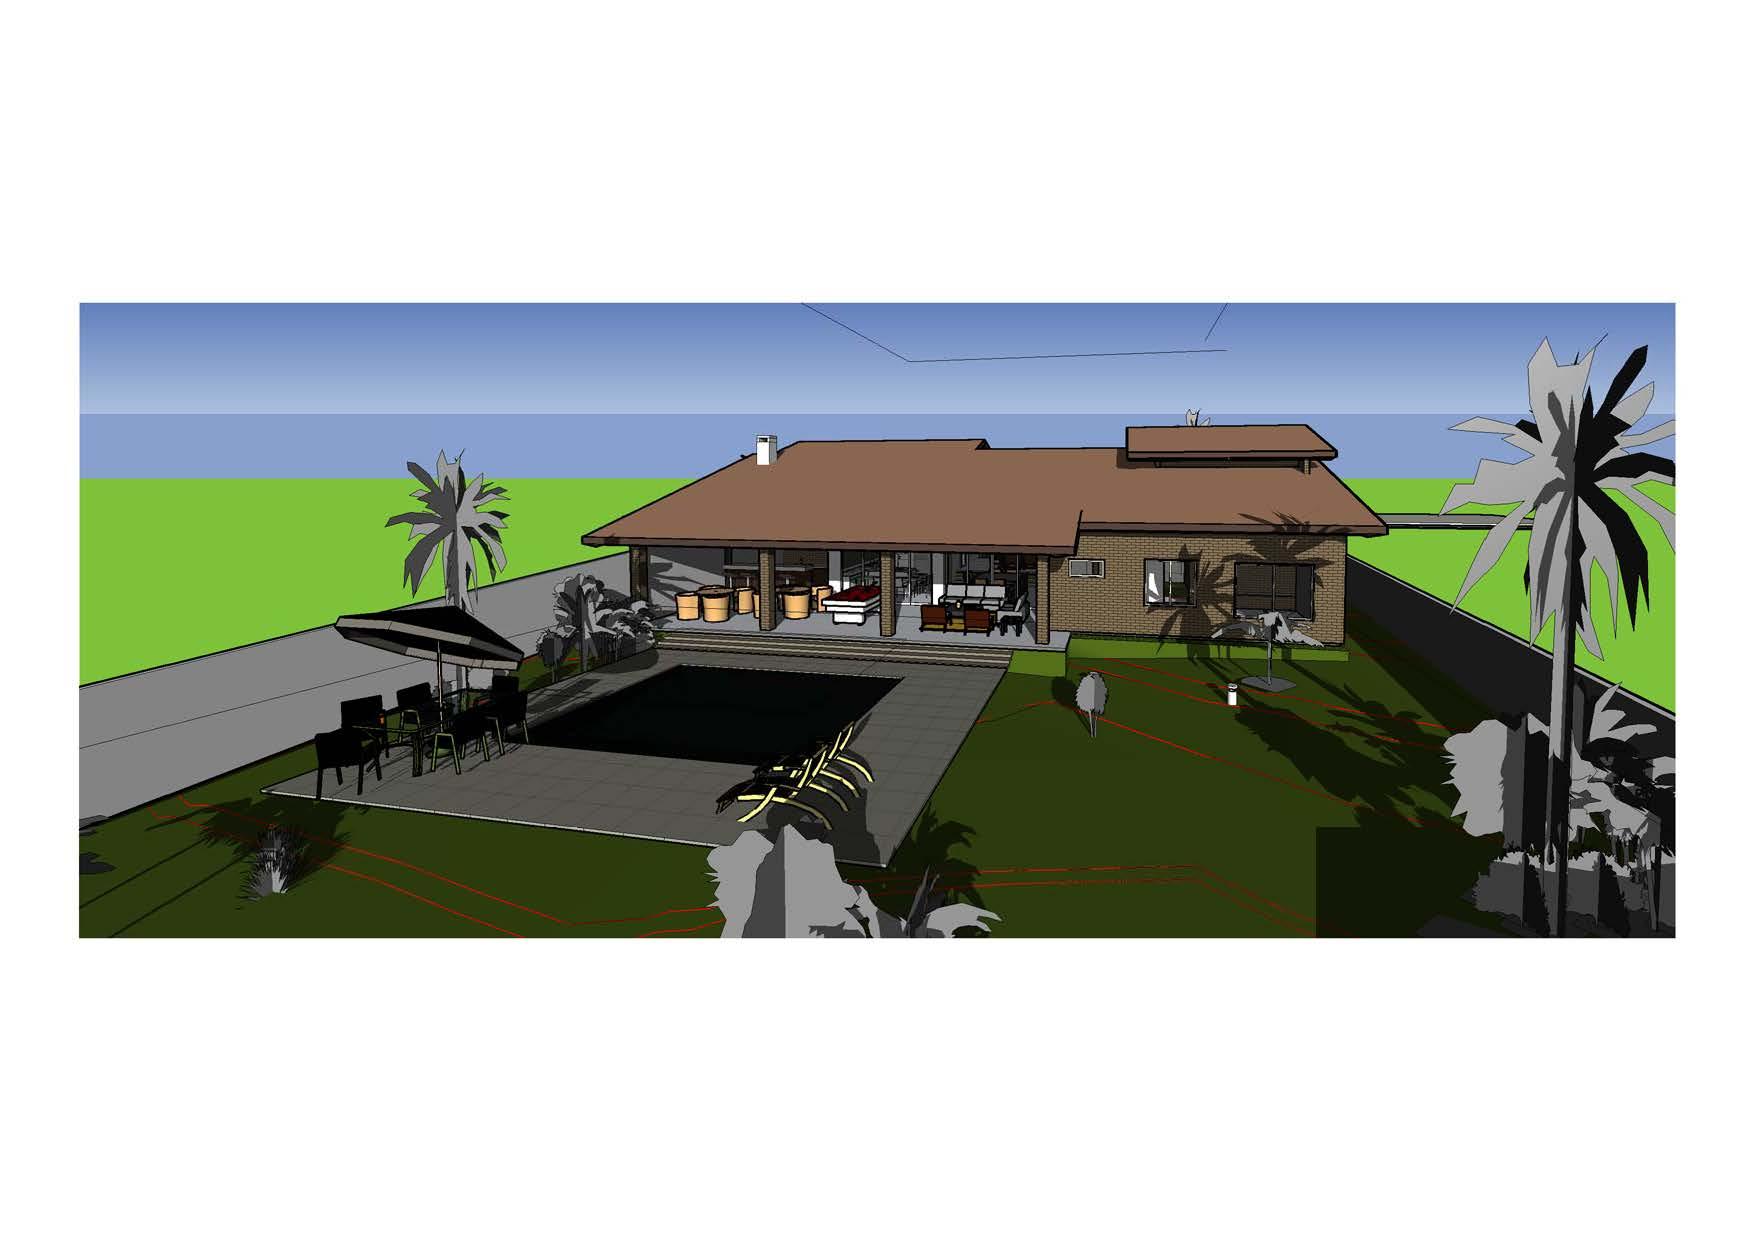 Casa Terrea 4d Projetos Arquitetura Sustentável #669E2D 1755 1241